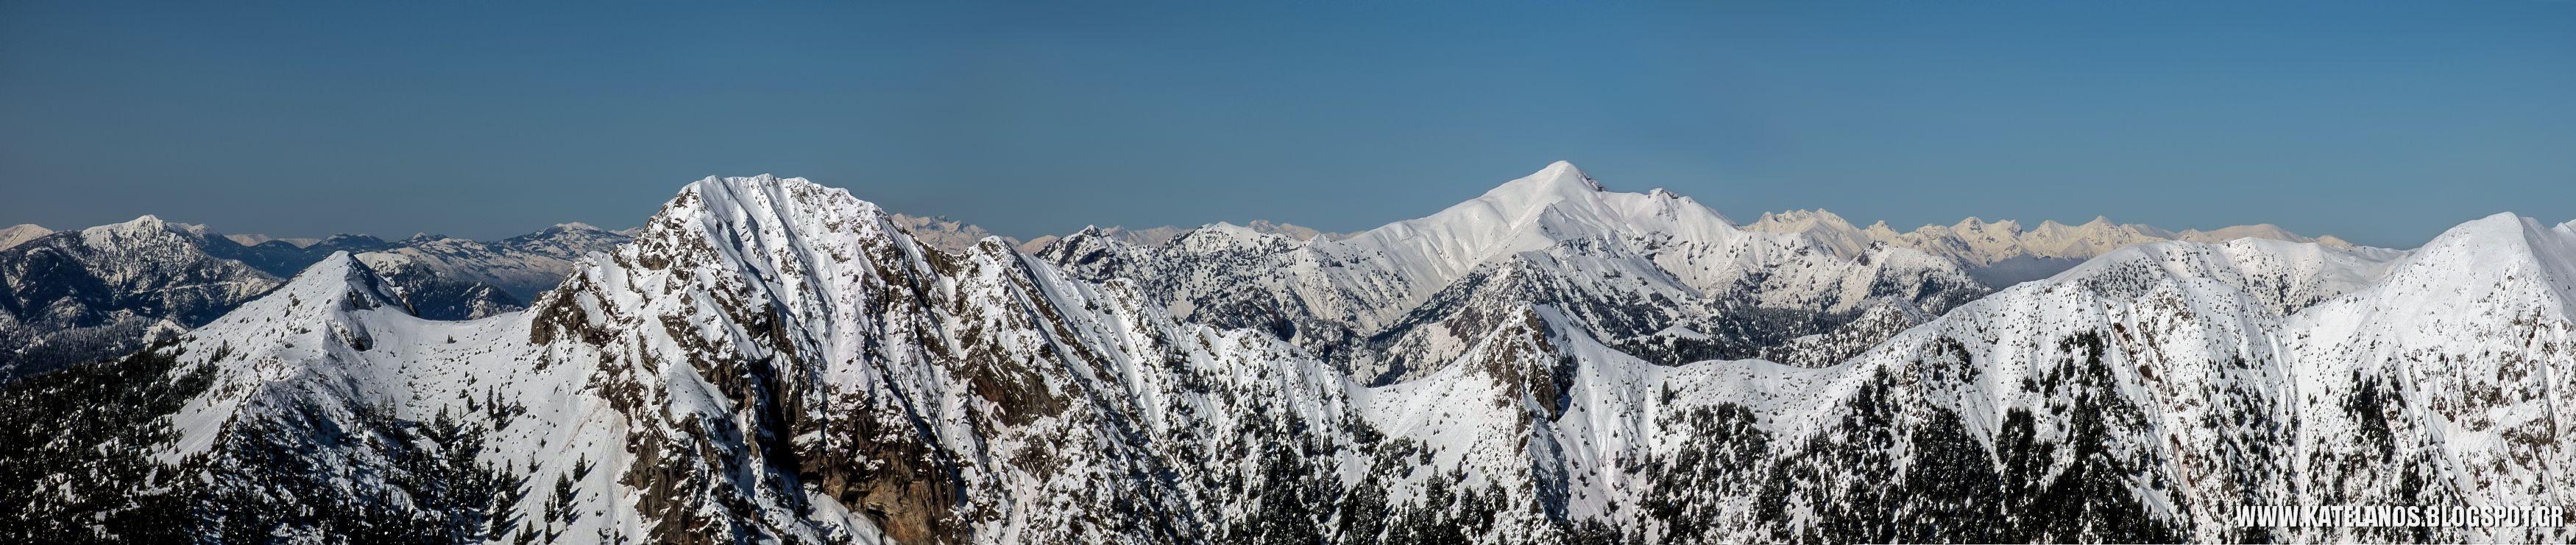 χιονισμενα βουνα νοτια πινδος βουνοκορφες παναιτωλικο ορος